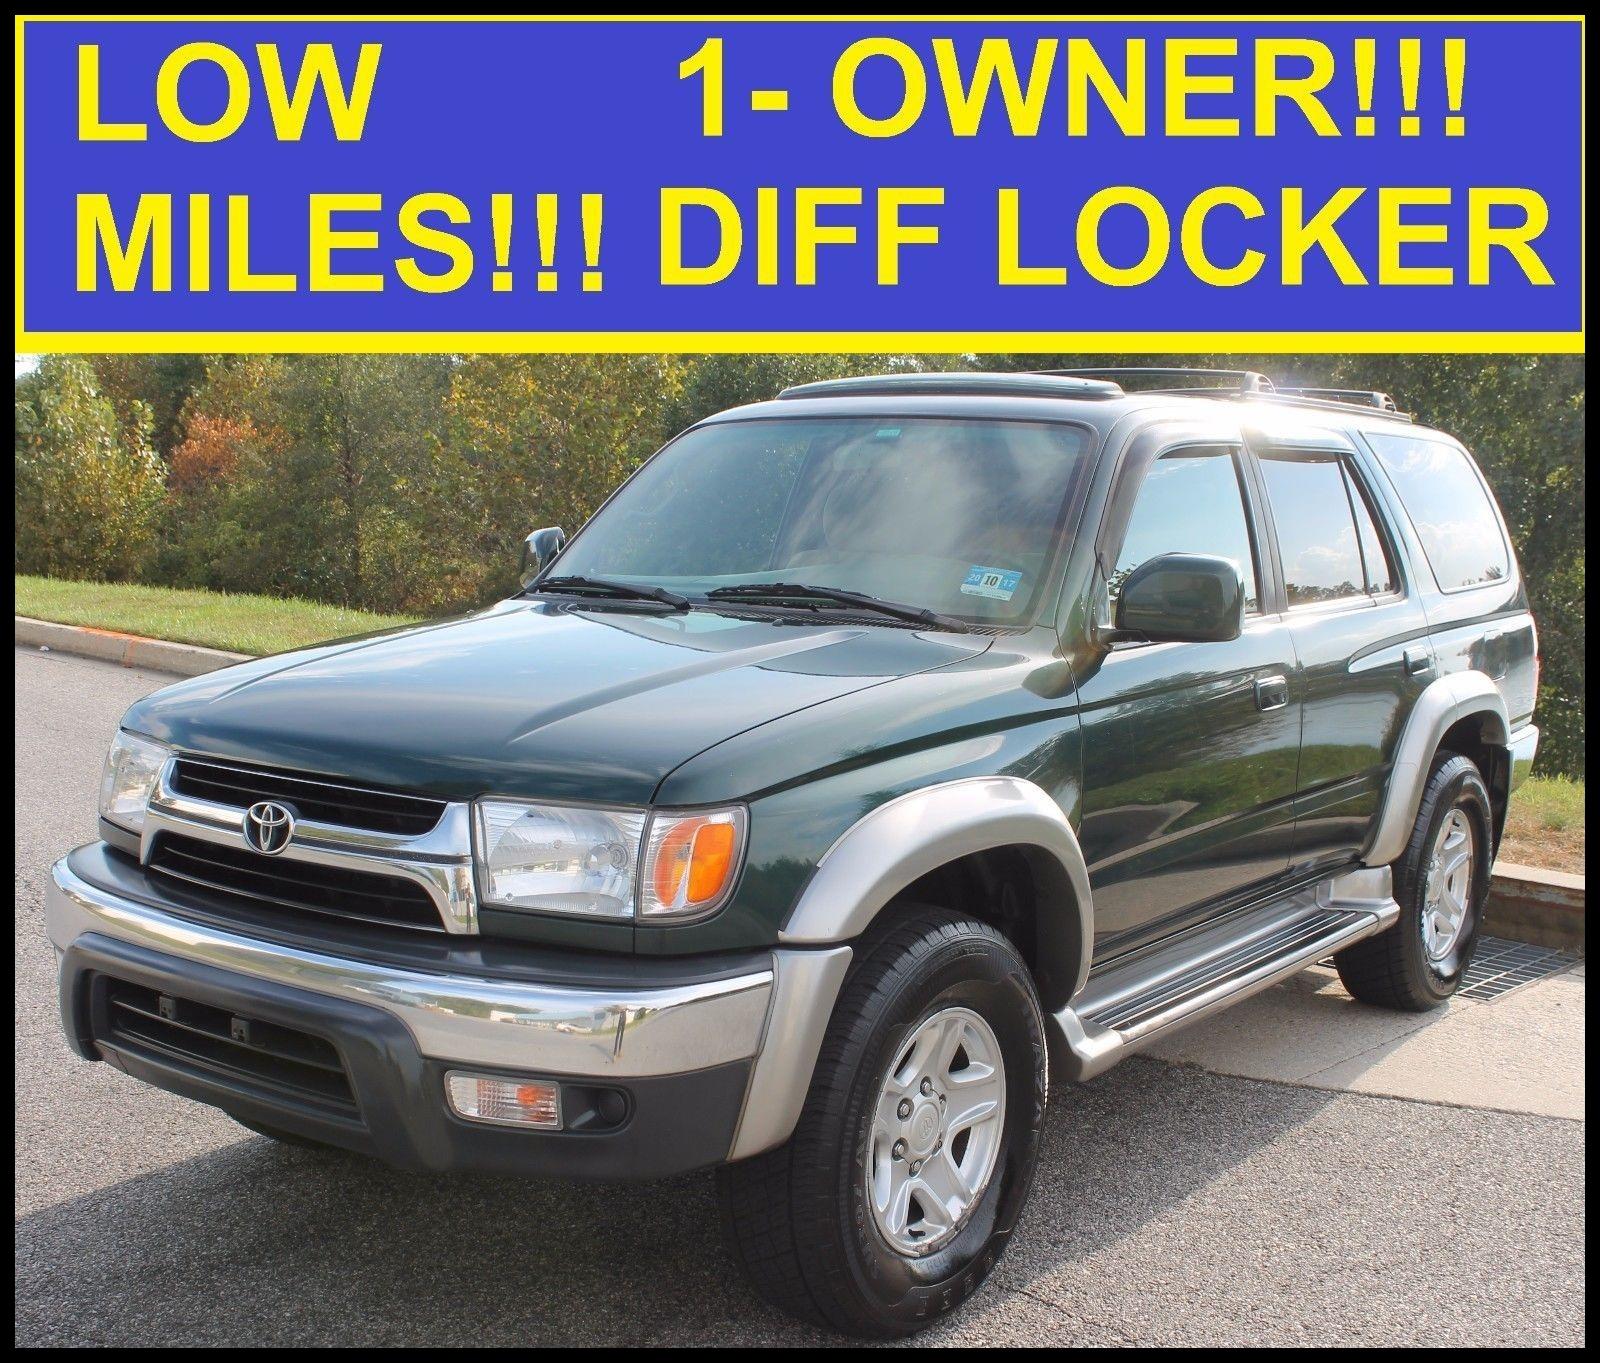 Hot News Nice Awesome 2002 toyota 4runner Sr5 2002 4runner Sr5 4x4 Diff Lock Exterior